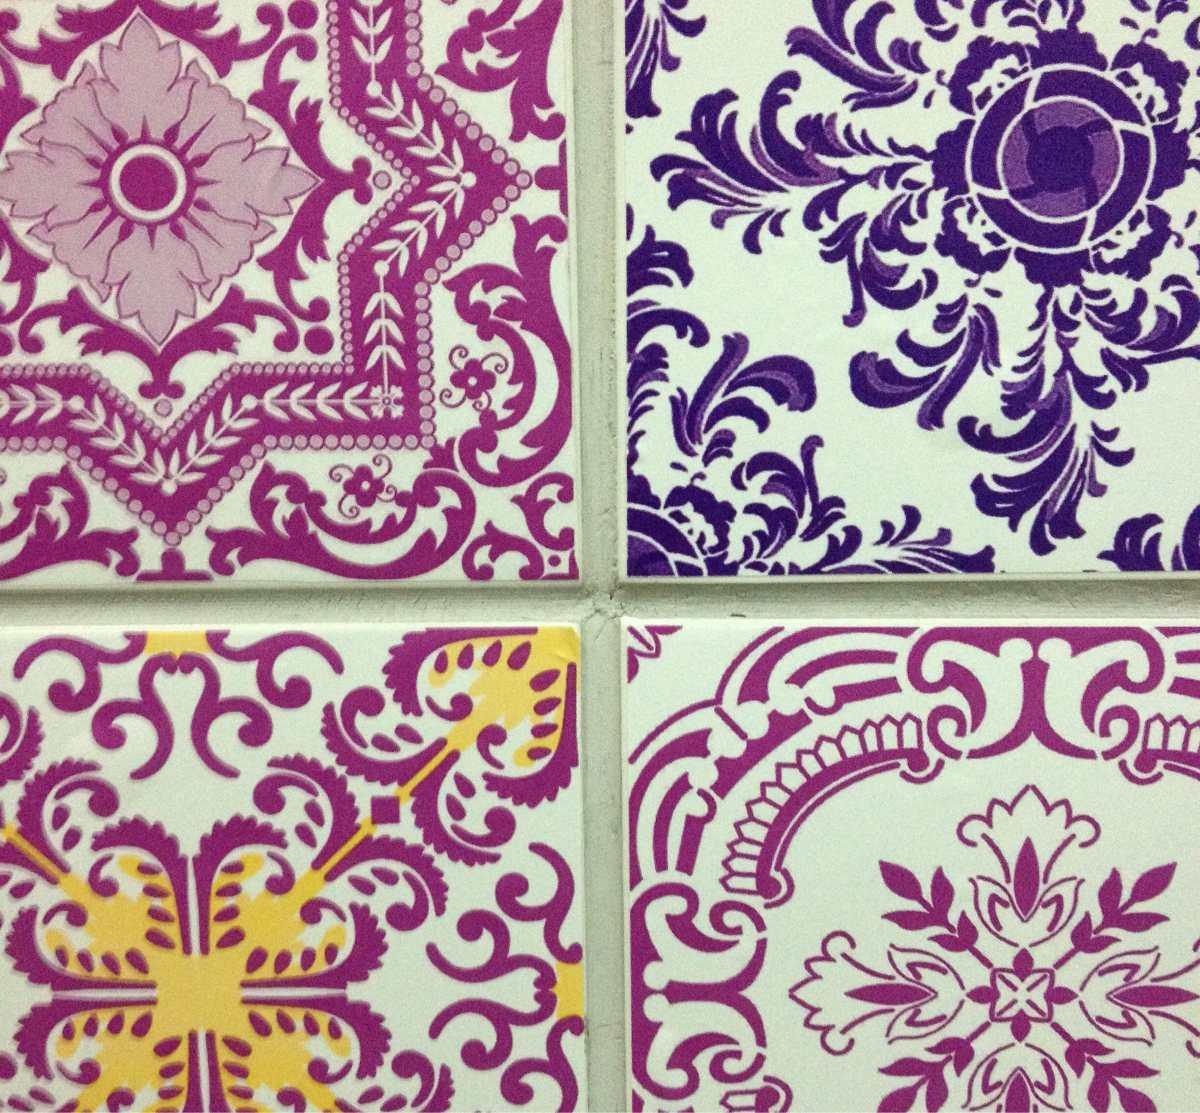 10 adesivo azulejo portugu s ladrilho hidr ulico 15x15 cm for Azulejo 15x15